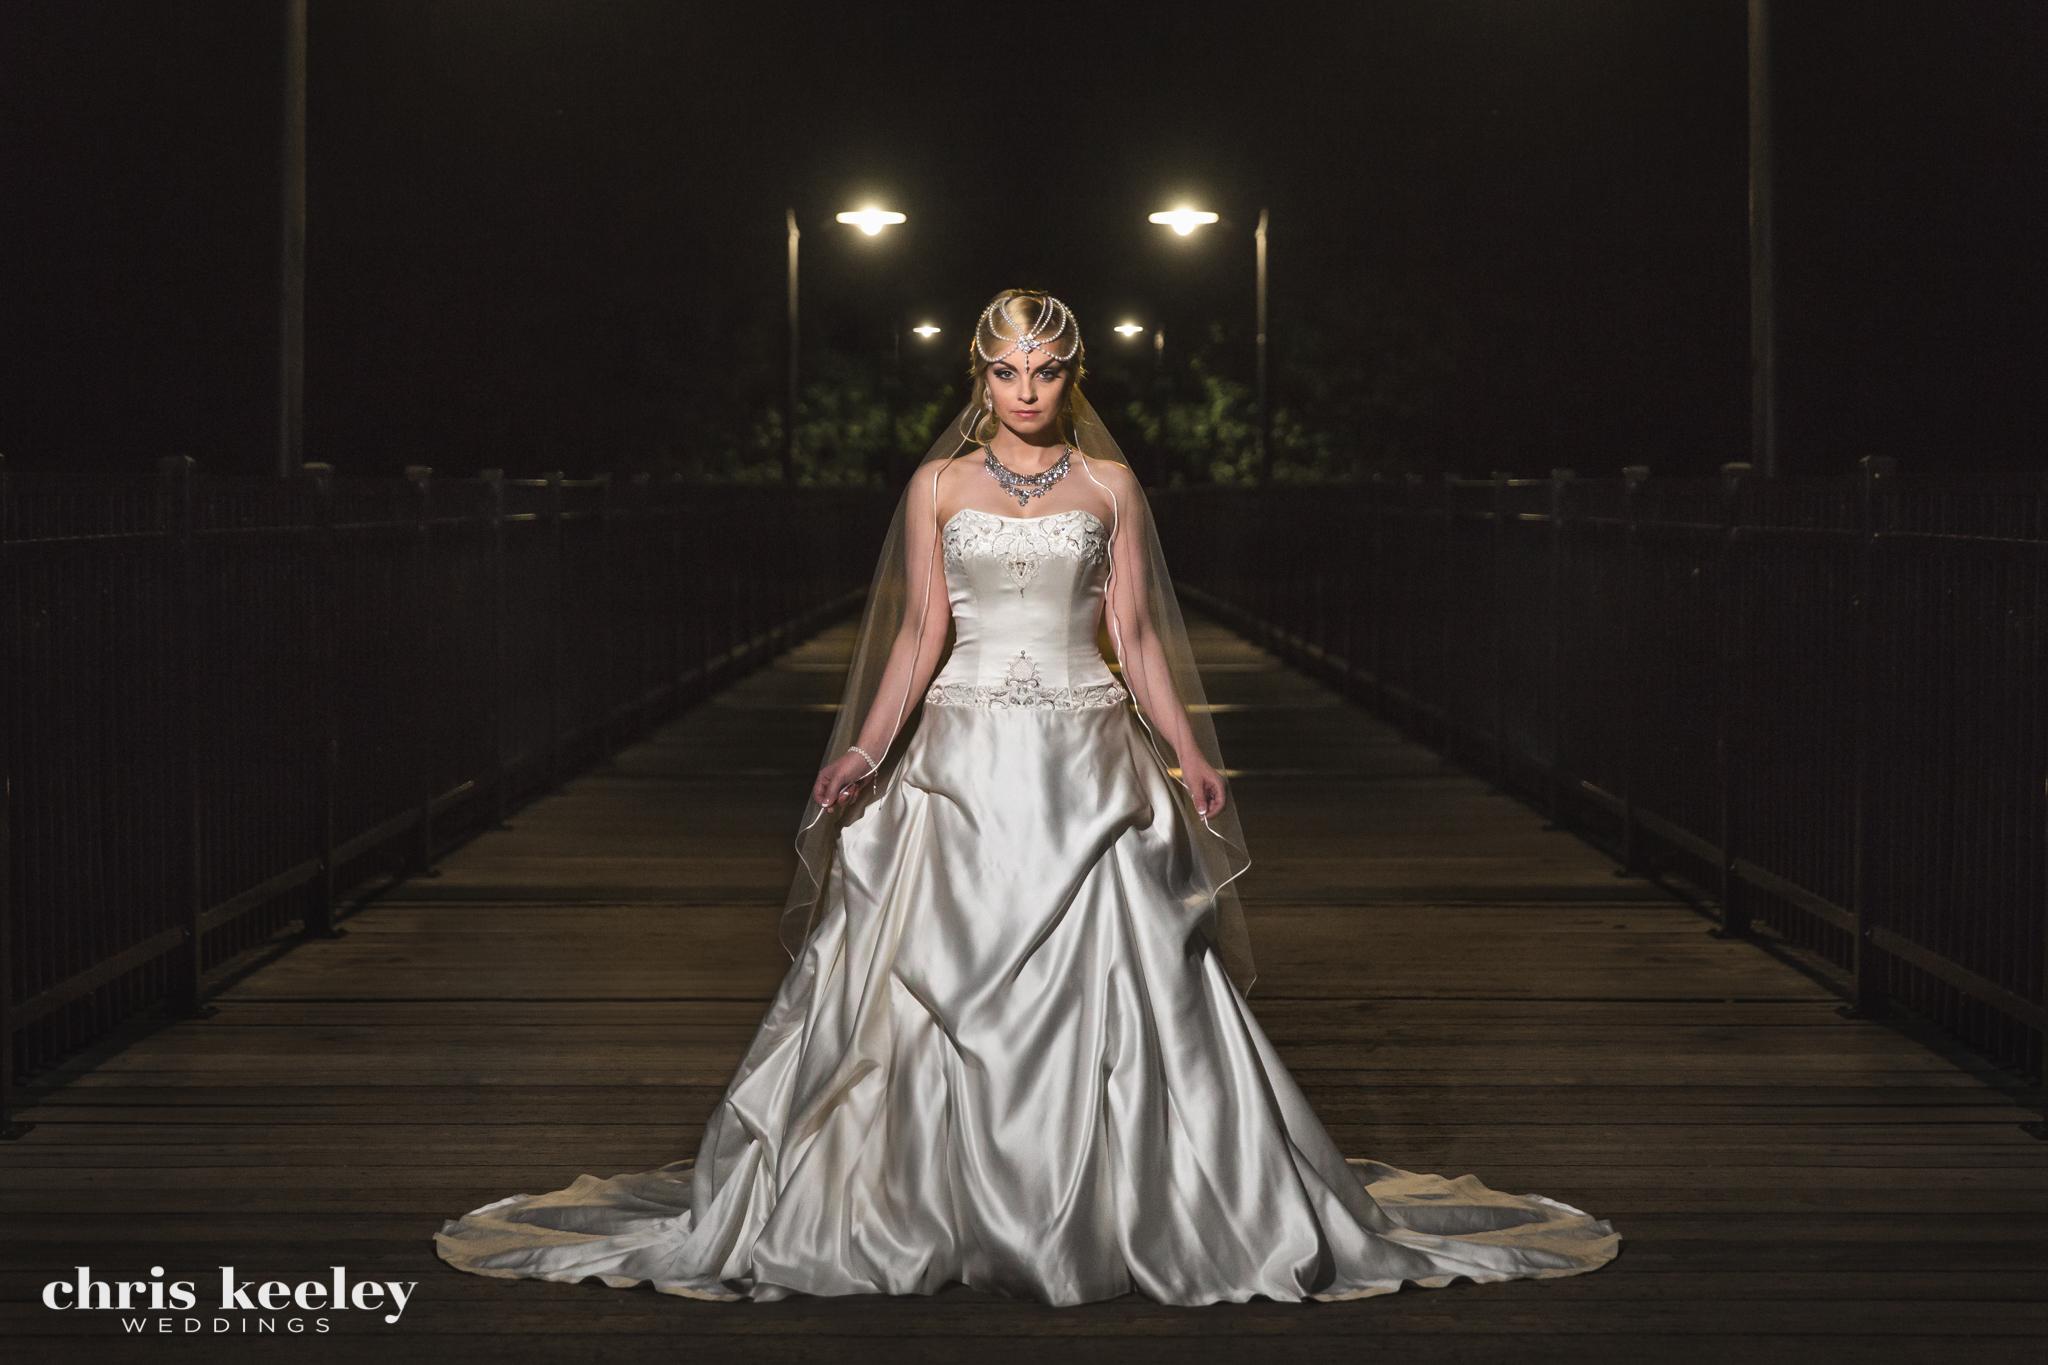 06-Chris-Keeley-Weddings-Wedding-Photography-Dover-New-Hampshire-2.jpg